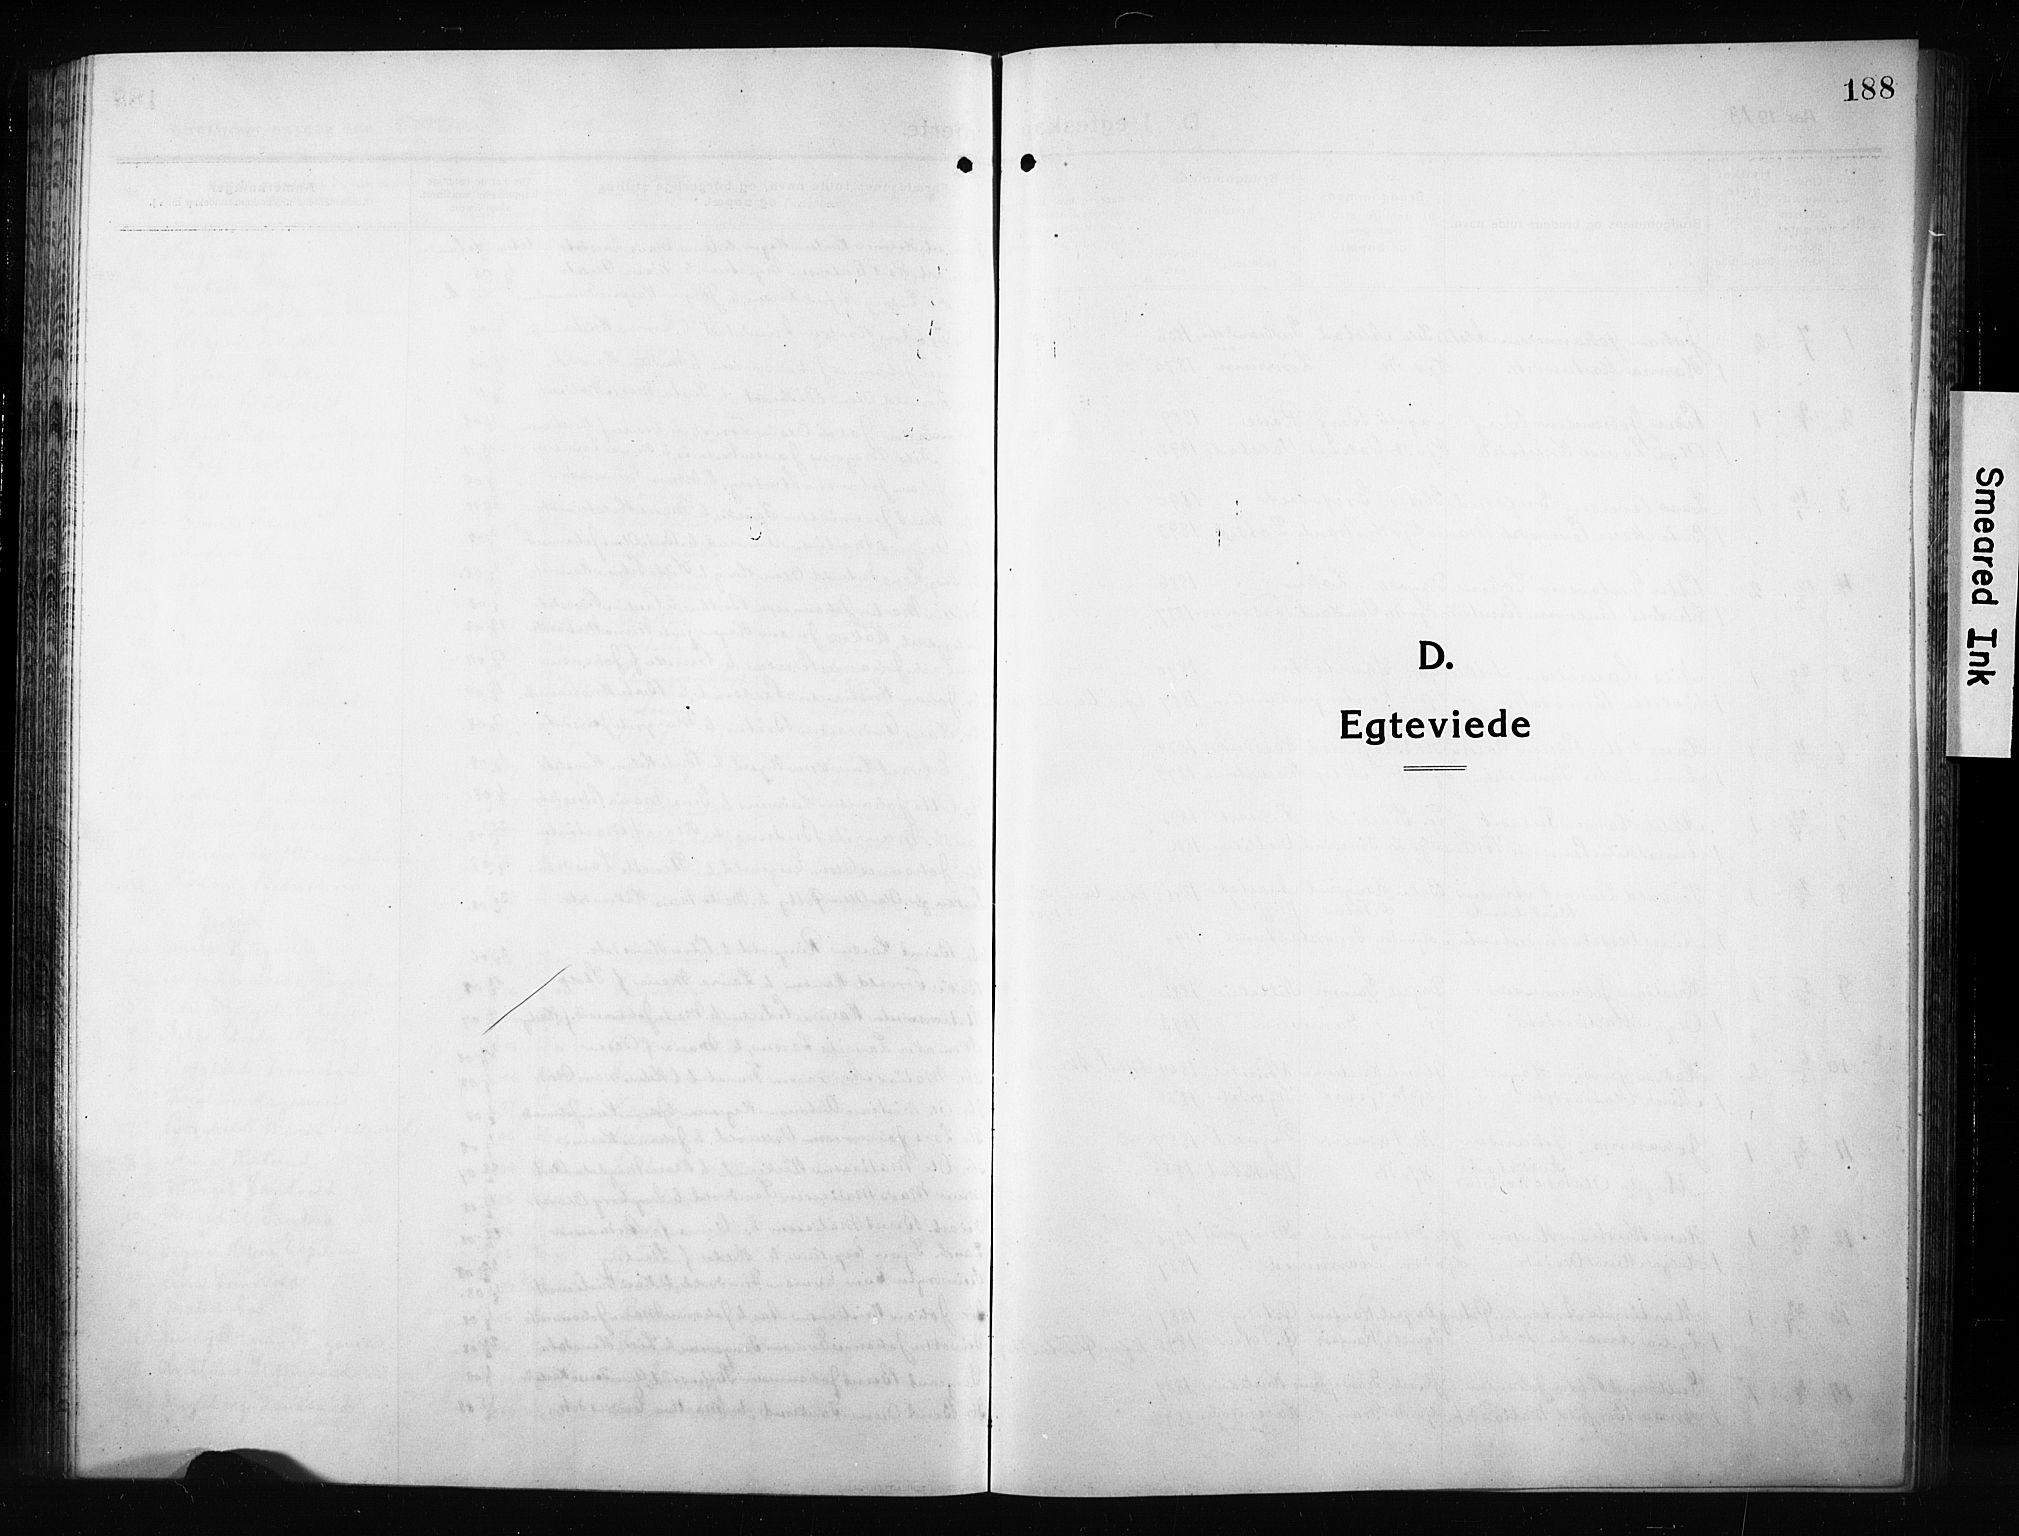 SAH, Vestre Toten prestekontor, H/Ha/Hab/L0012: Klokkerbok nr. 12, 1909-1928, s. 188